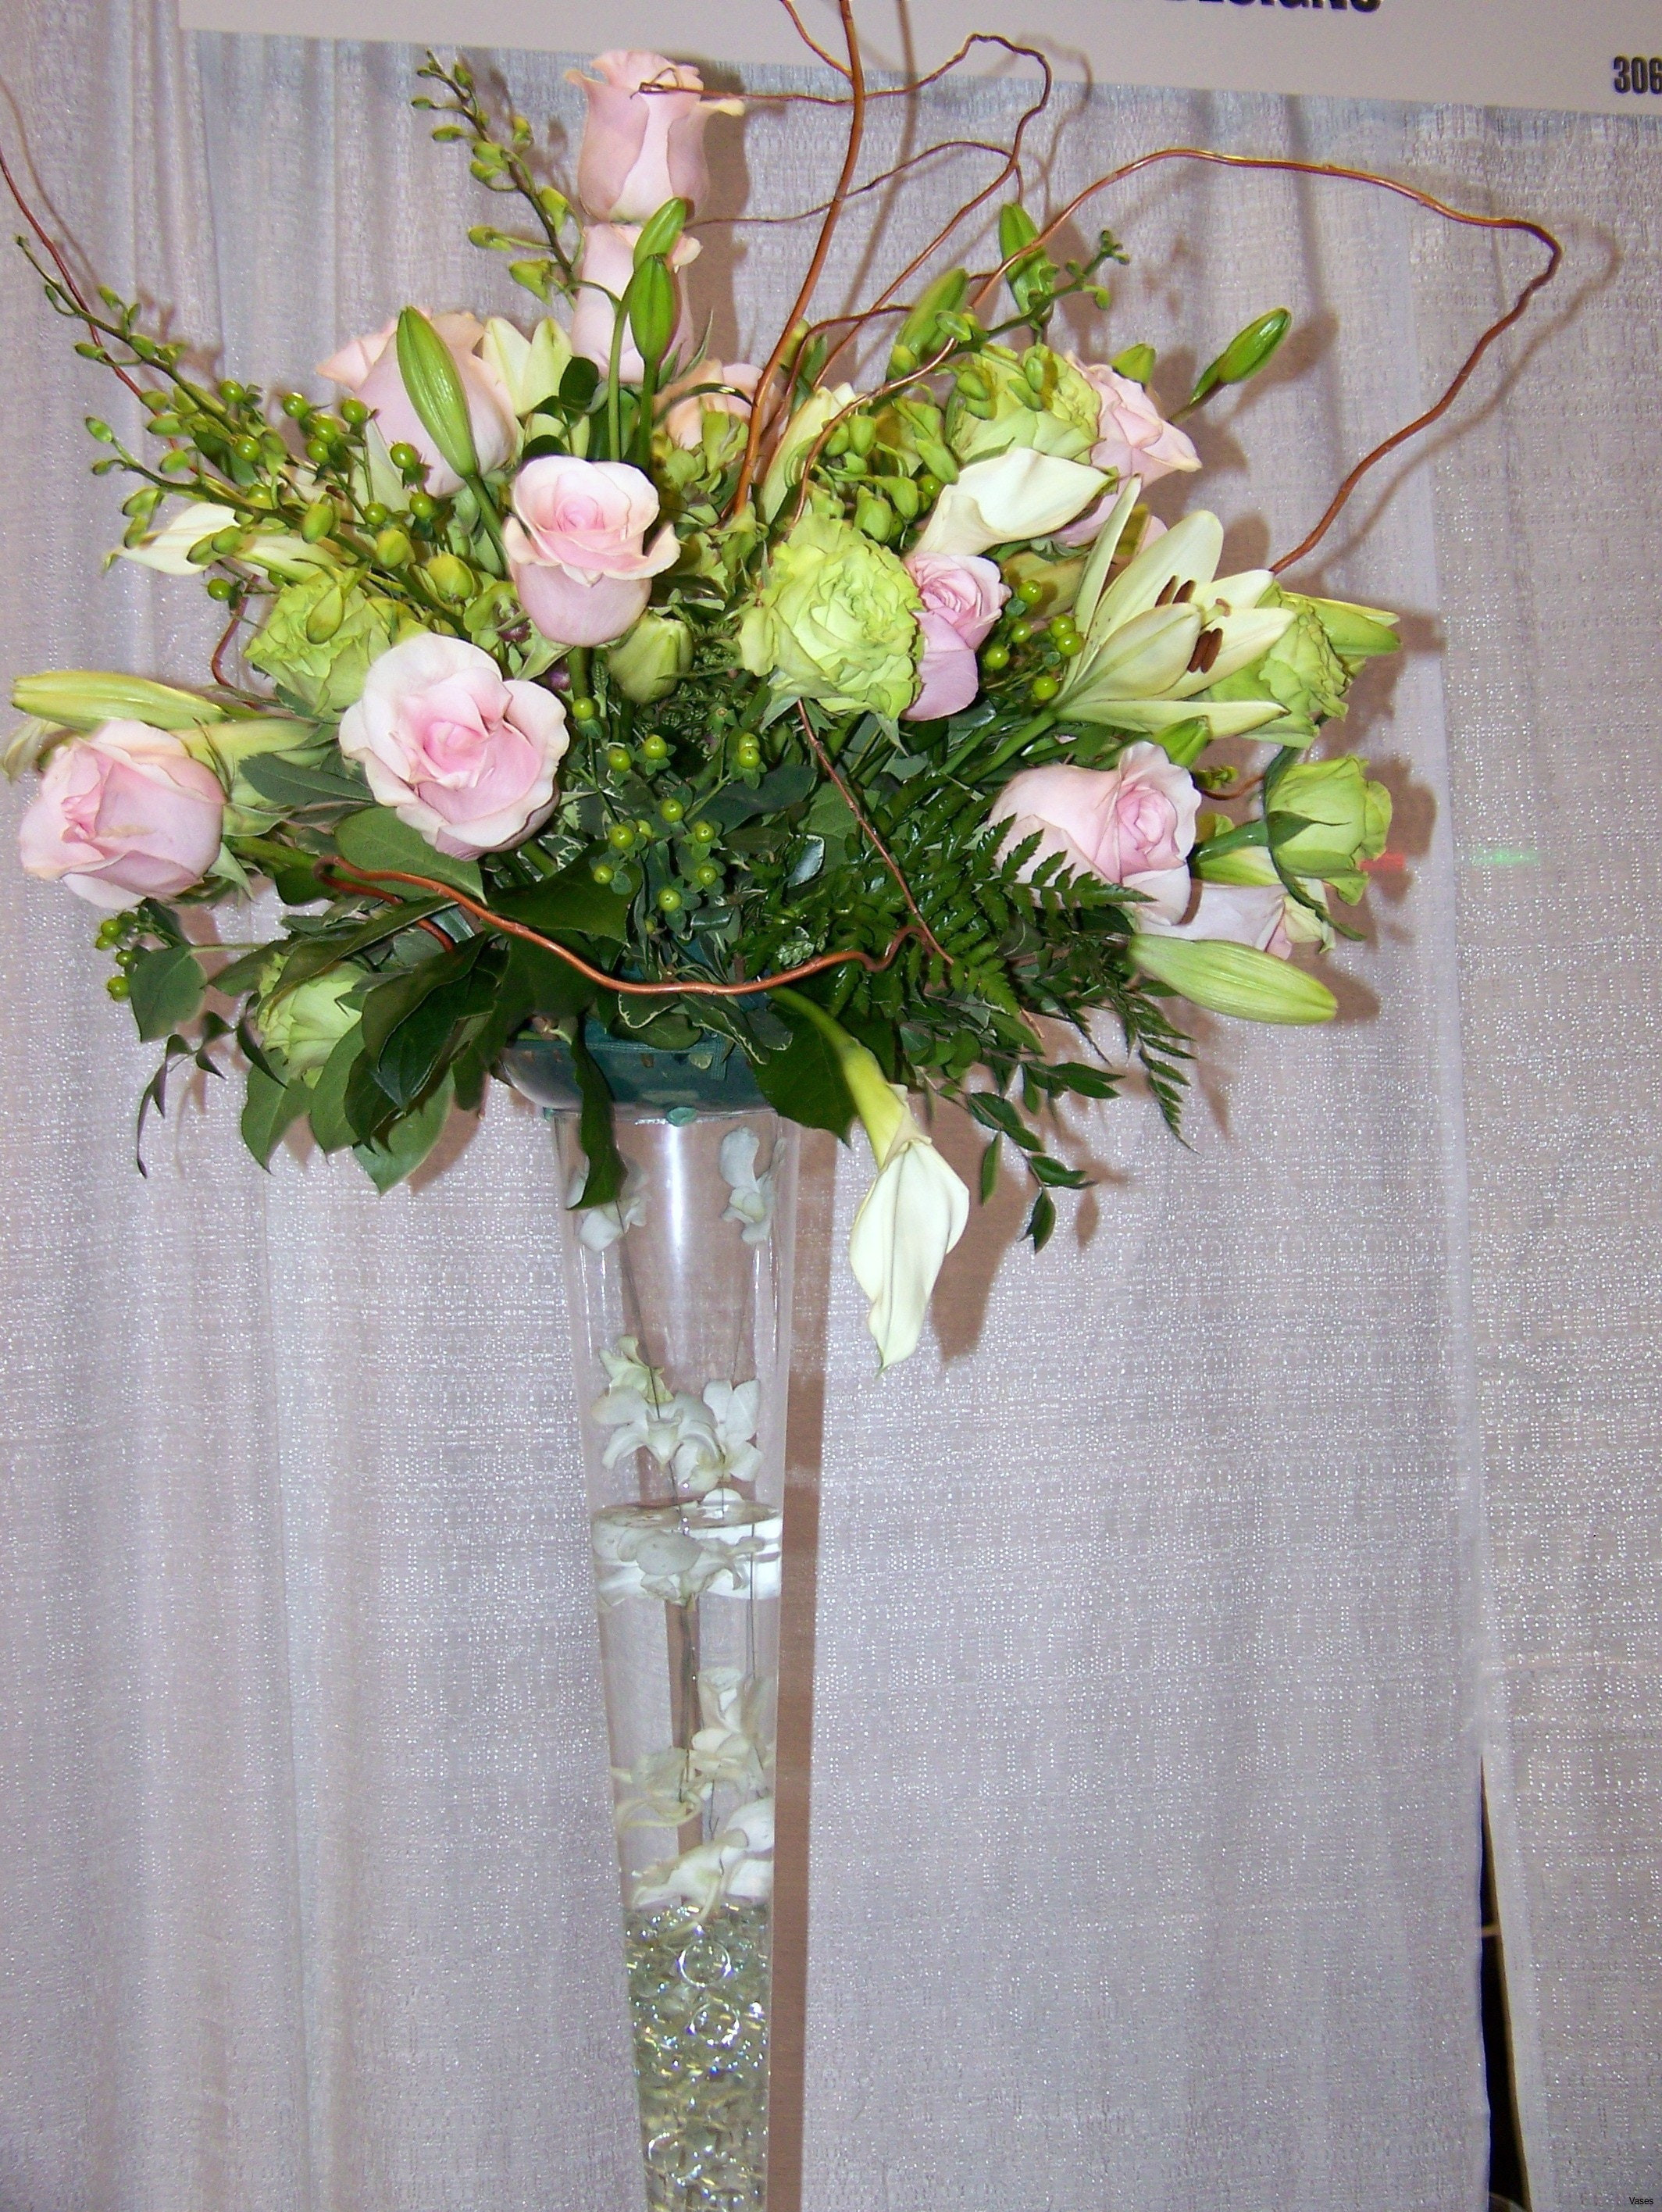 purple vase decor of deco table princesse nouveau h vases ideas for floral arrangements inside deco table princesse nouveau h vases ideas for floral arrangements in i 0d design ideas design